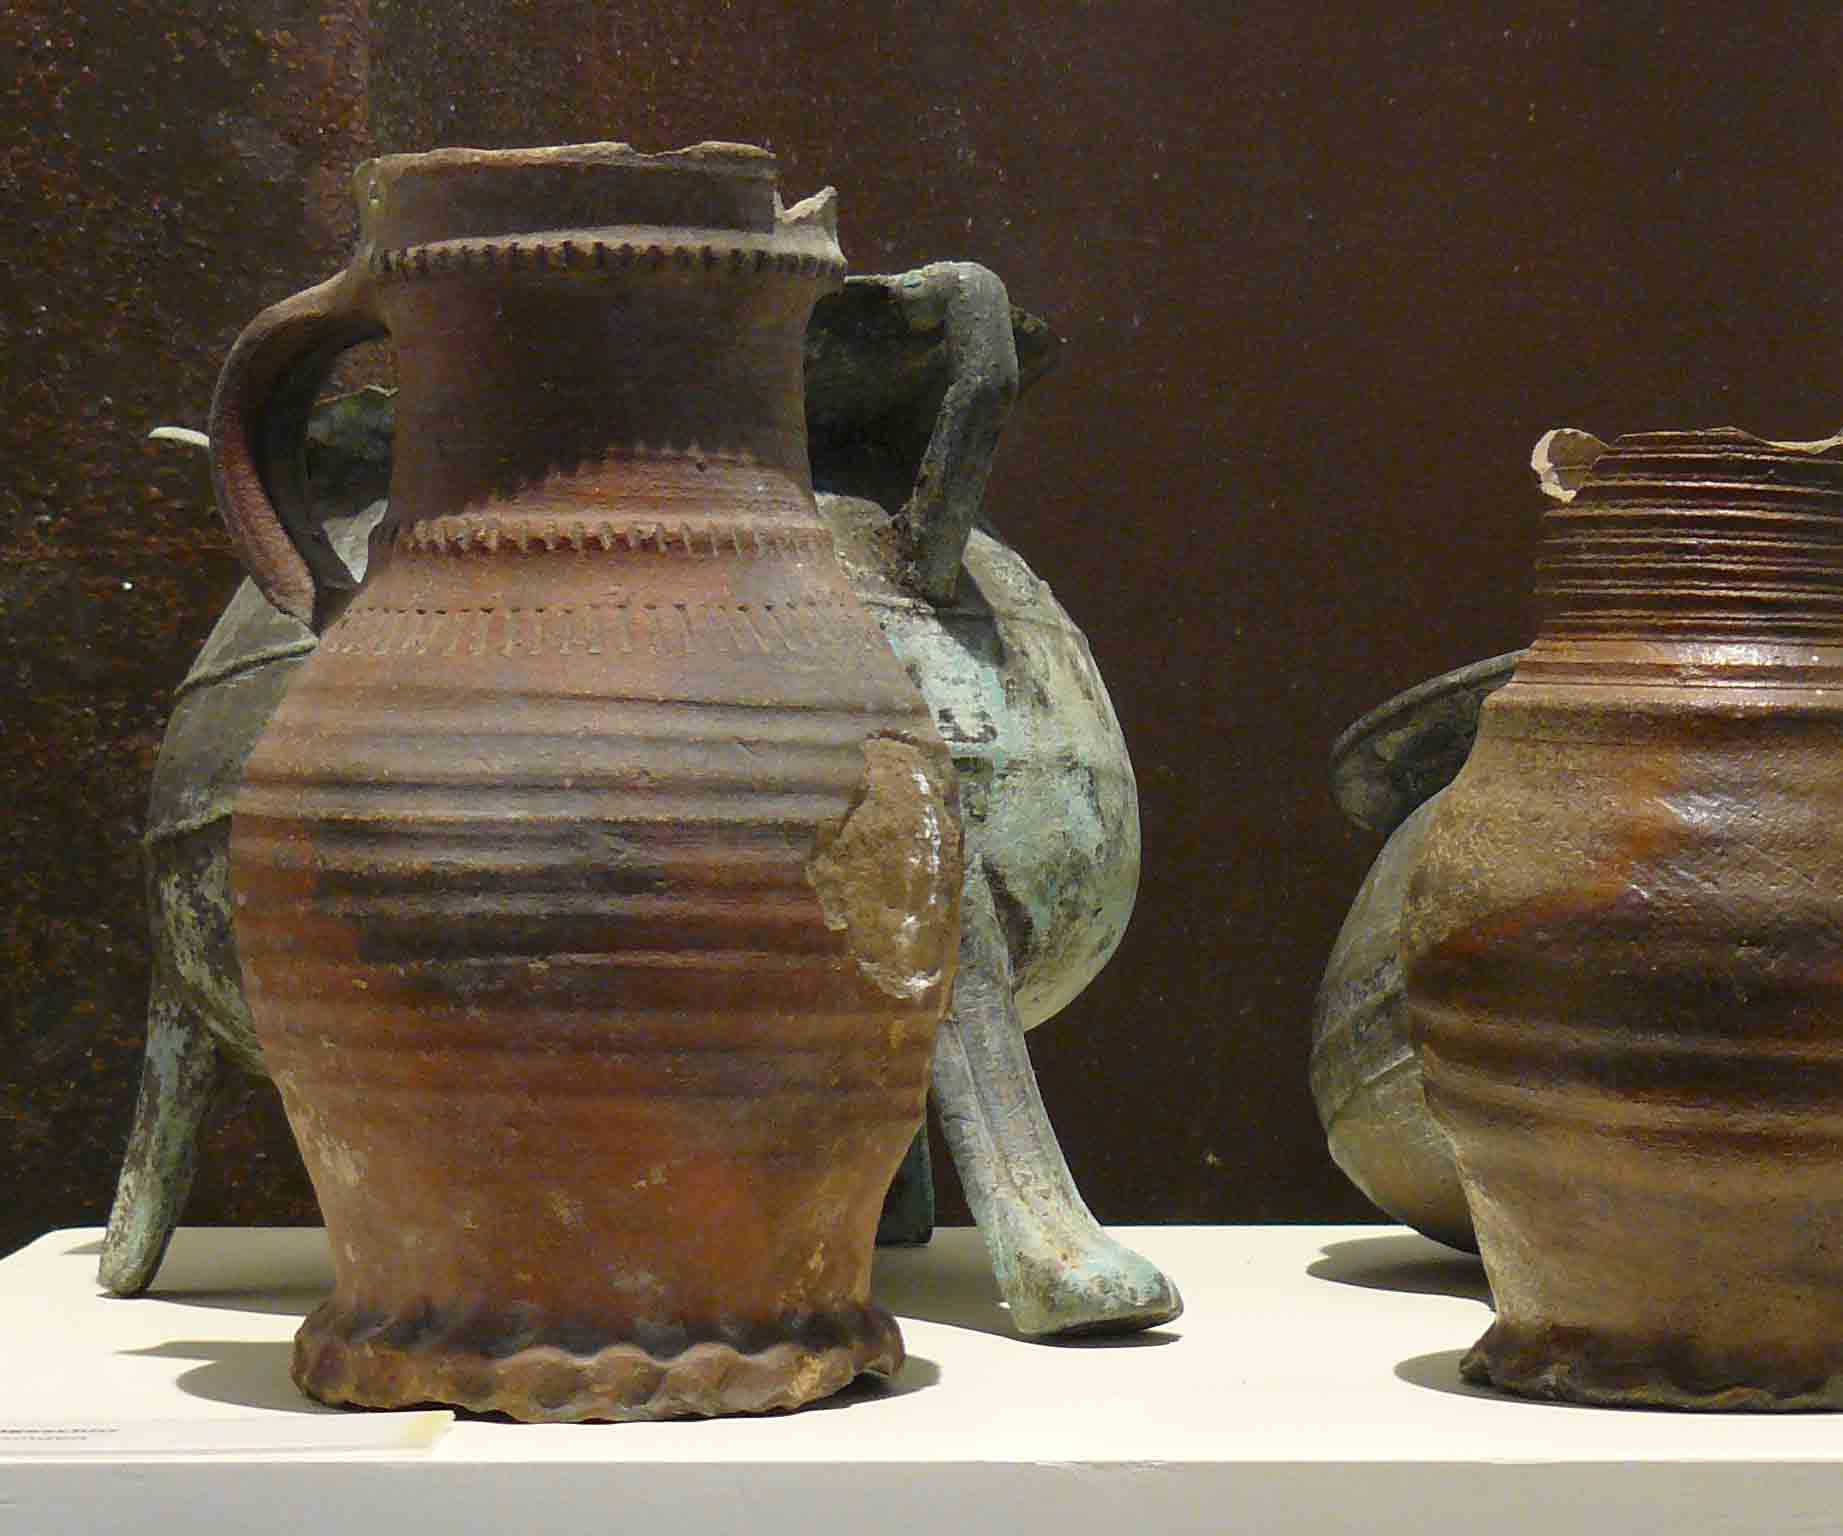 Archäologie, Mittelalterliche Krüge und Grapen